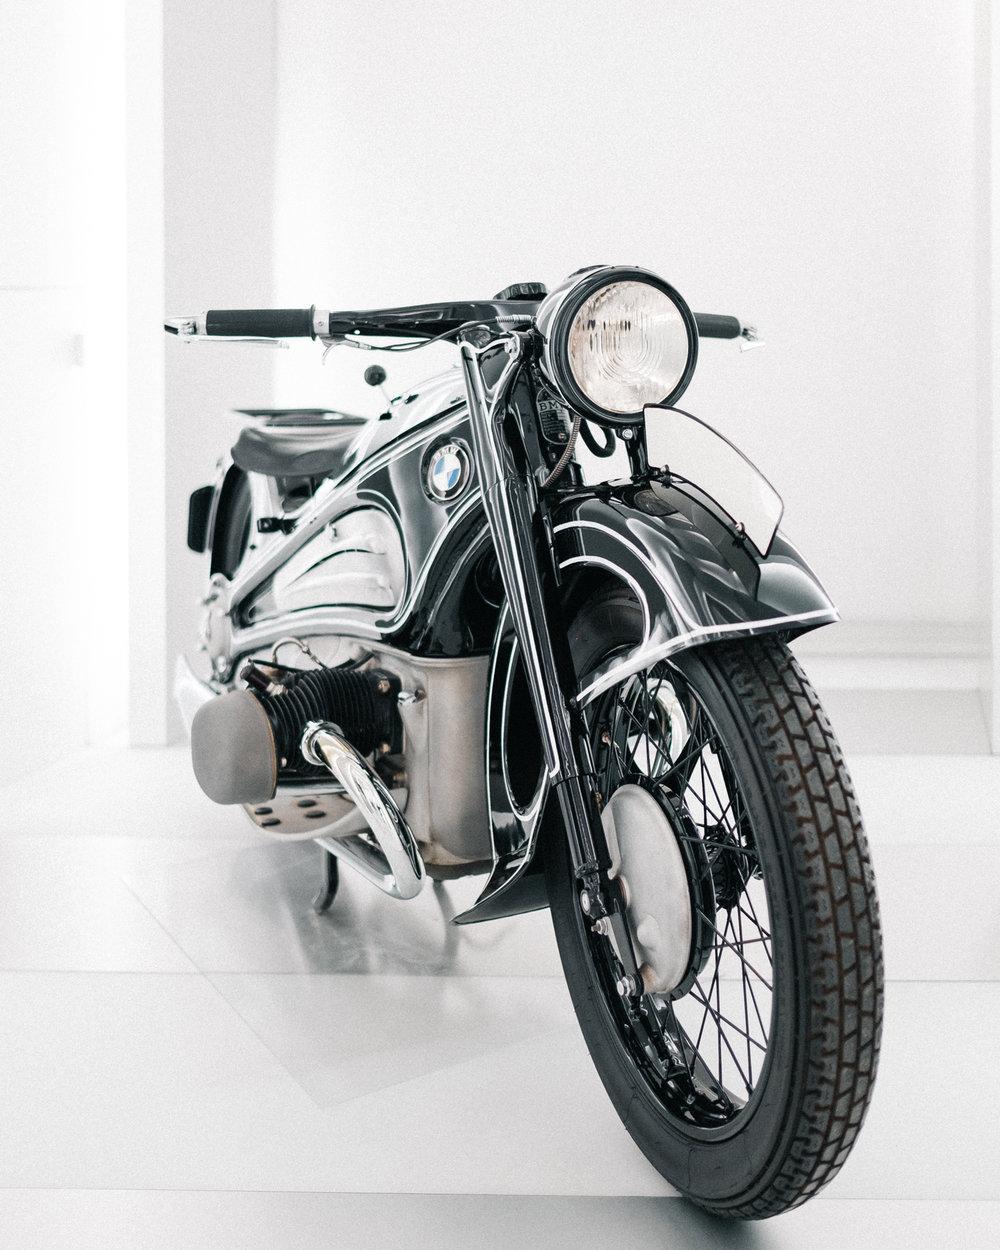 bmw r7 motorcycle.jpg